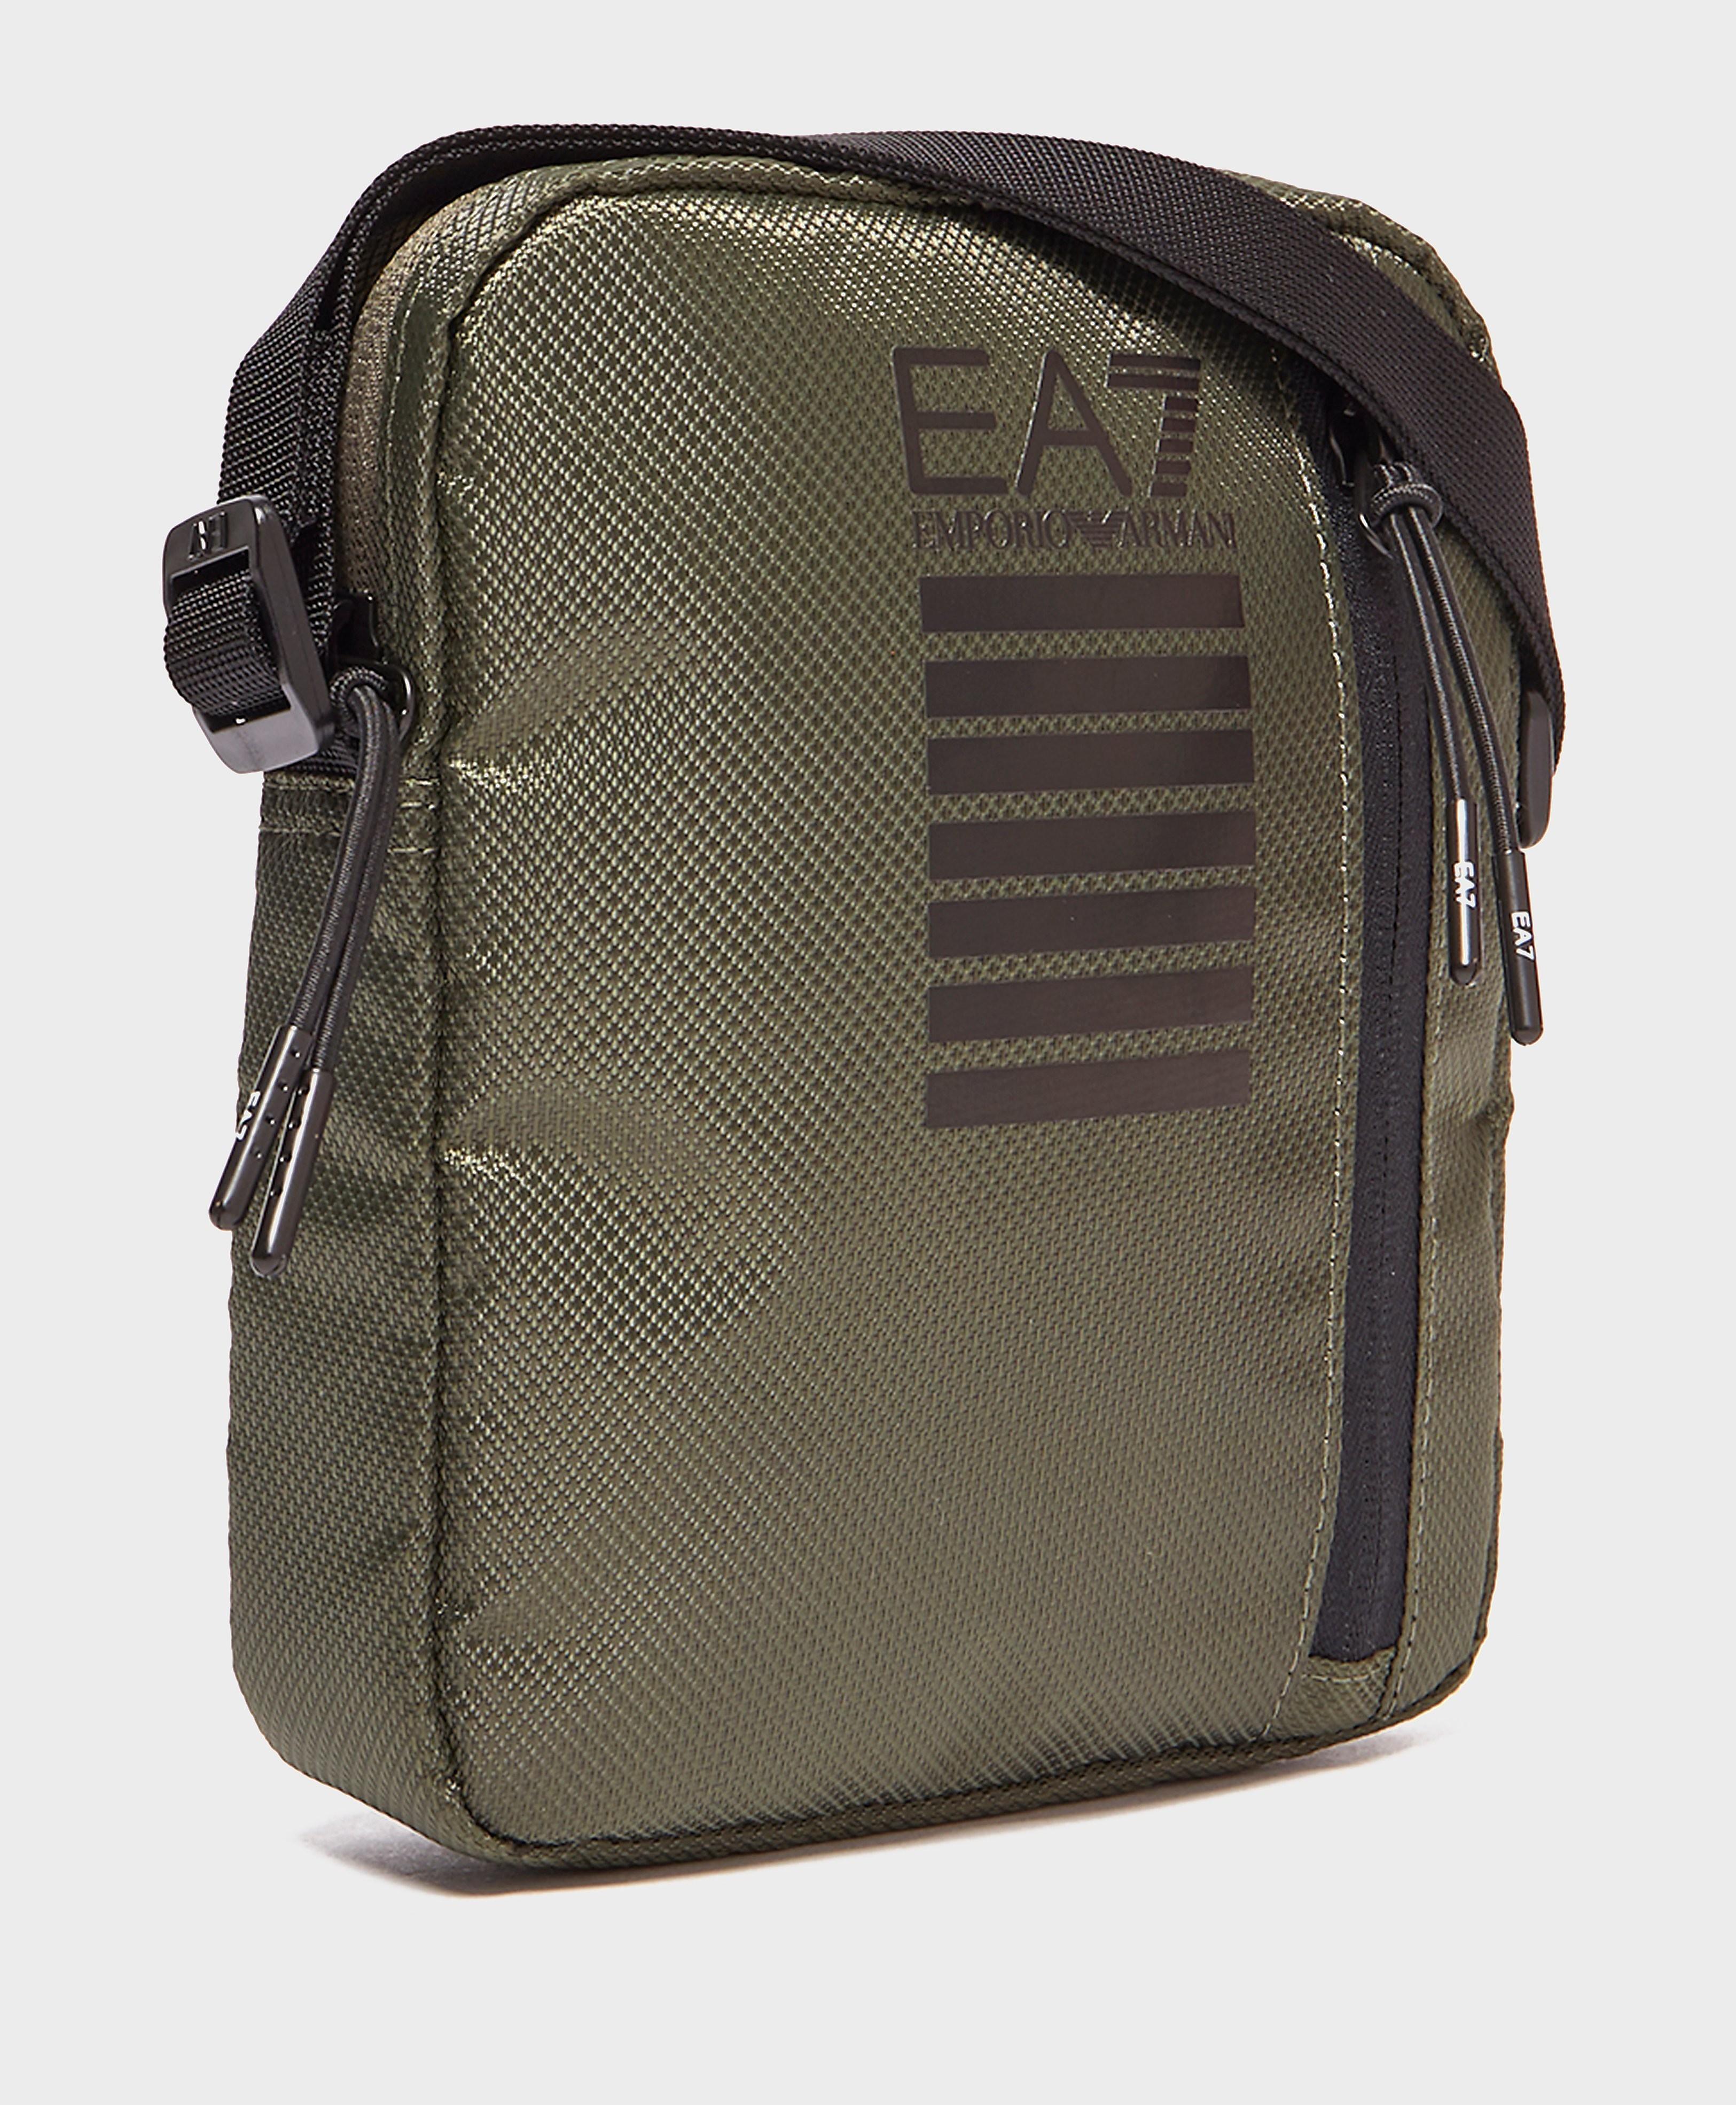 Emporio Armani EA7 Core ID Small Grip Bag